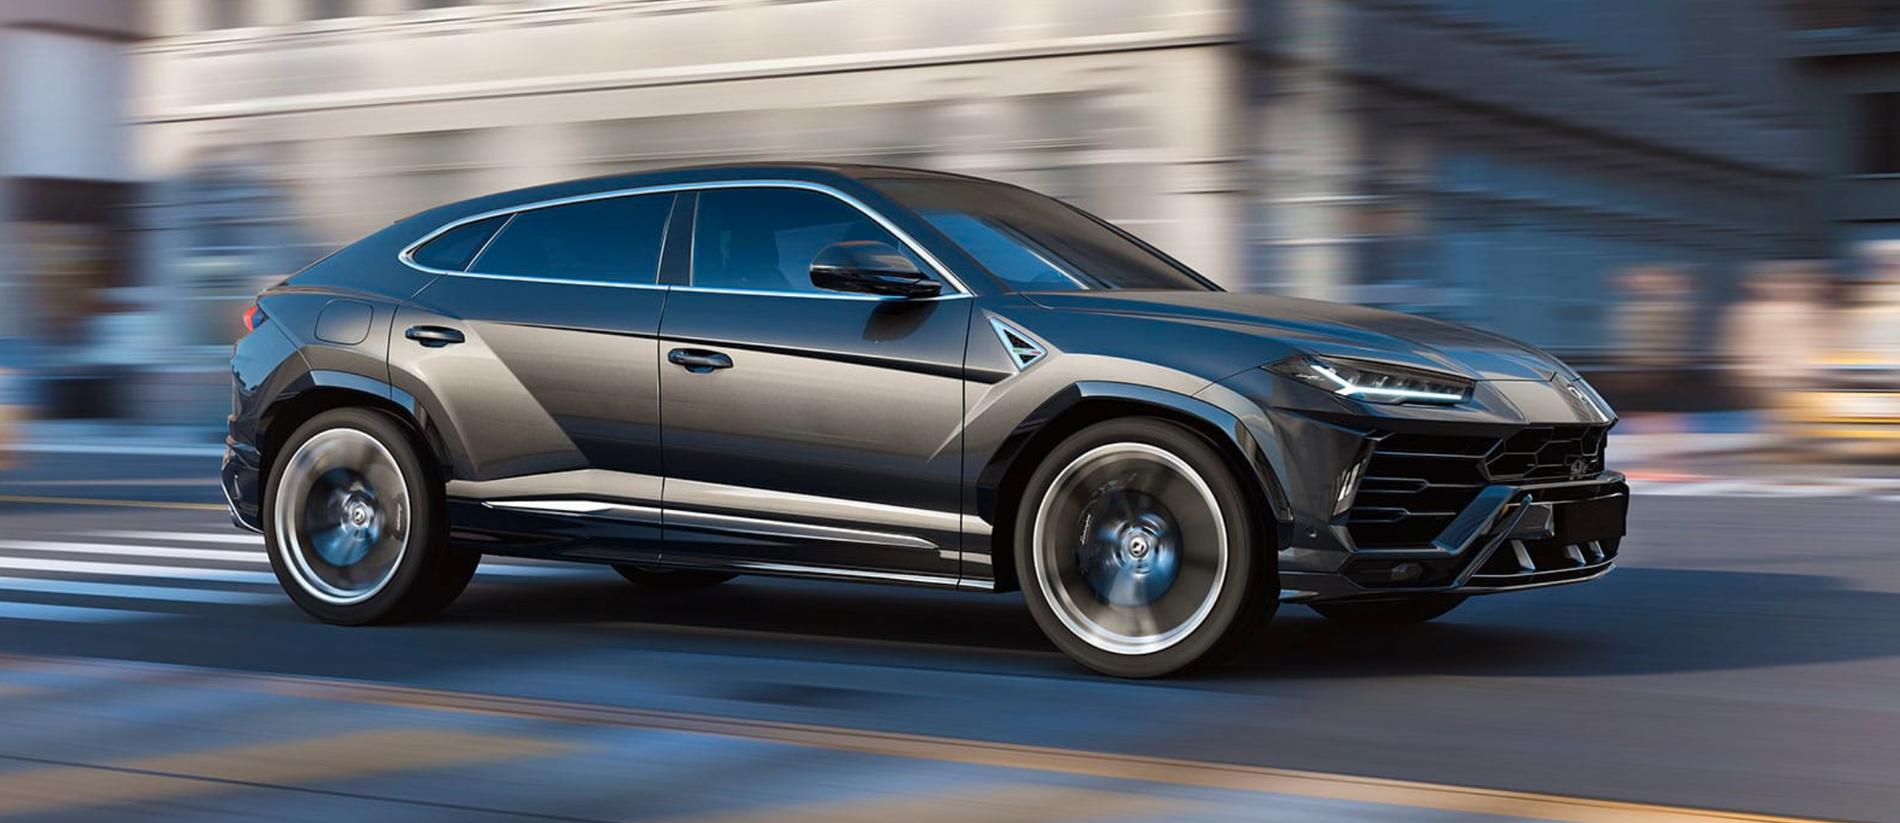 En Lamborghini Urus av samma modell som den Carlos Strandberg äger.